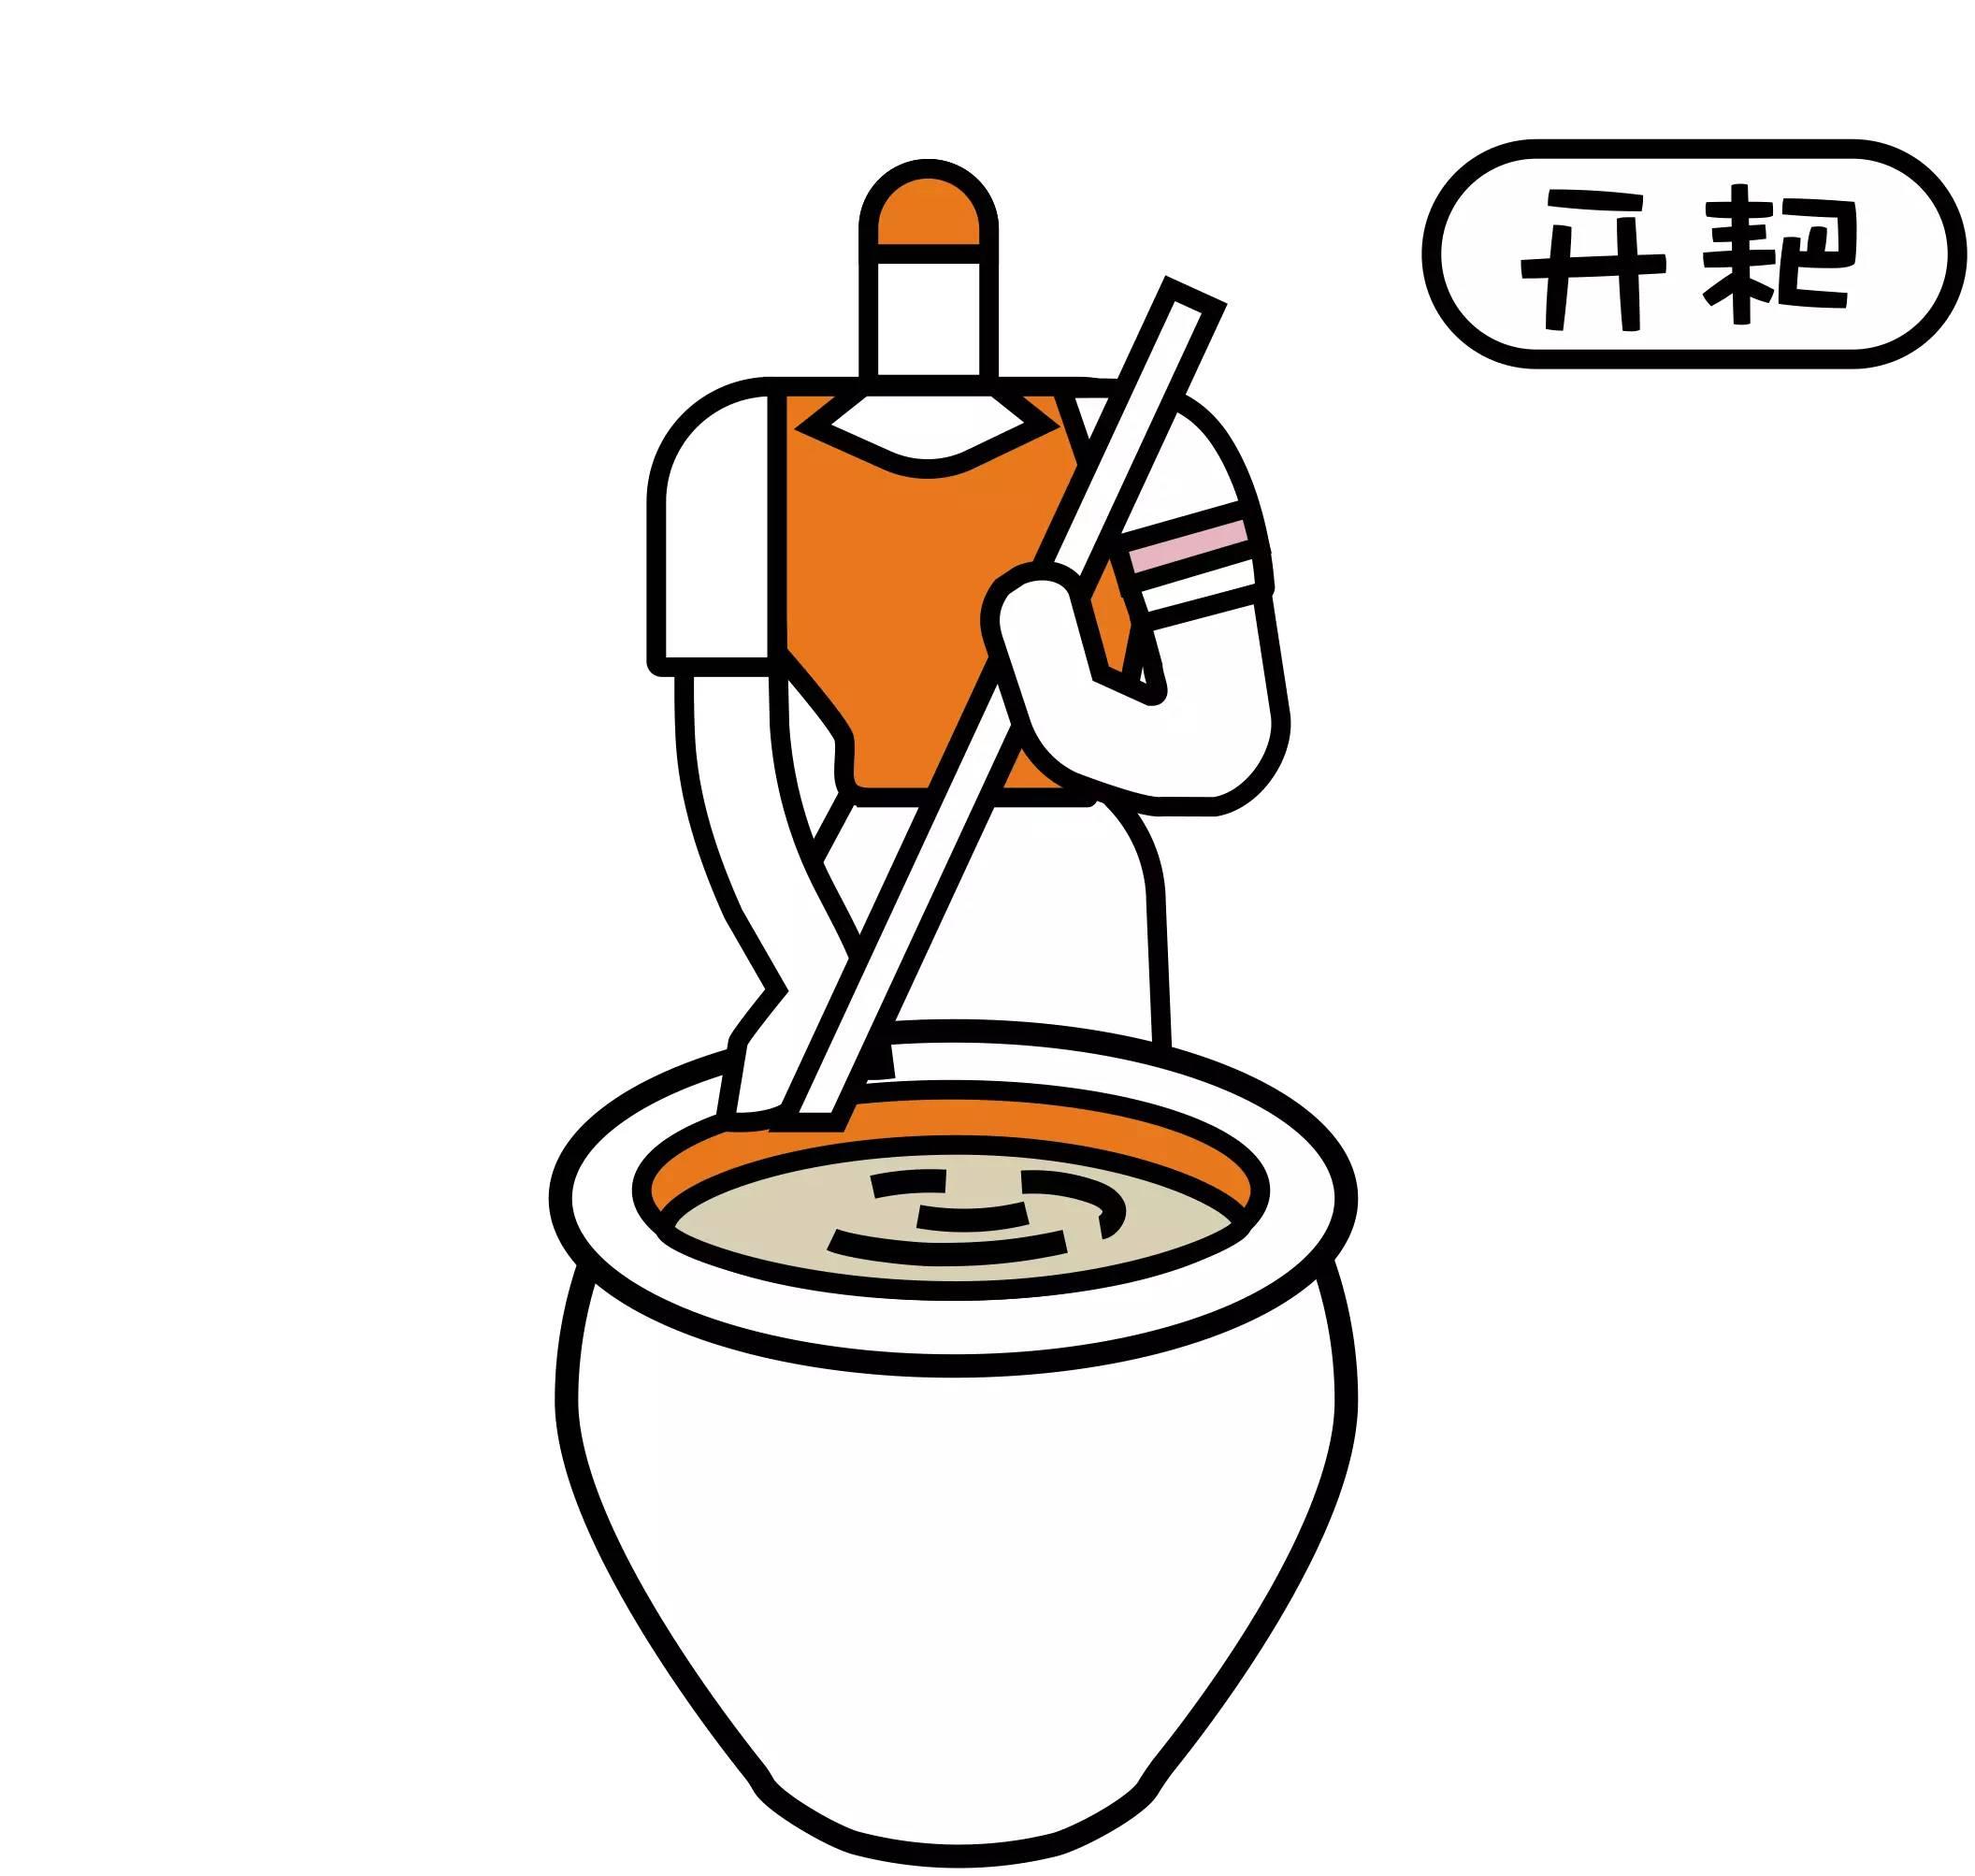 动漫 简笔画 卡通 漫画 手绘 头像 线稿 2112_2006